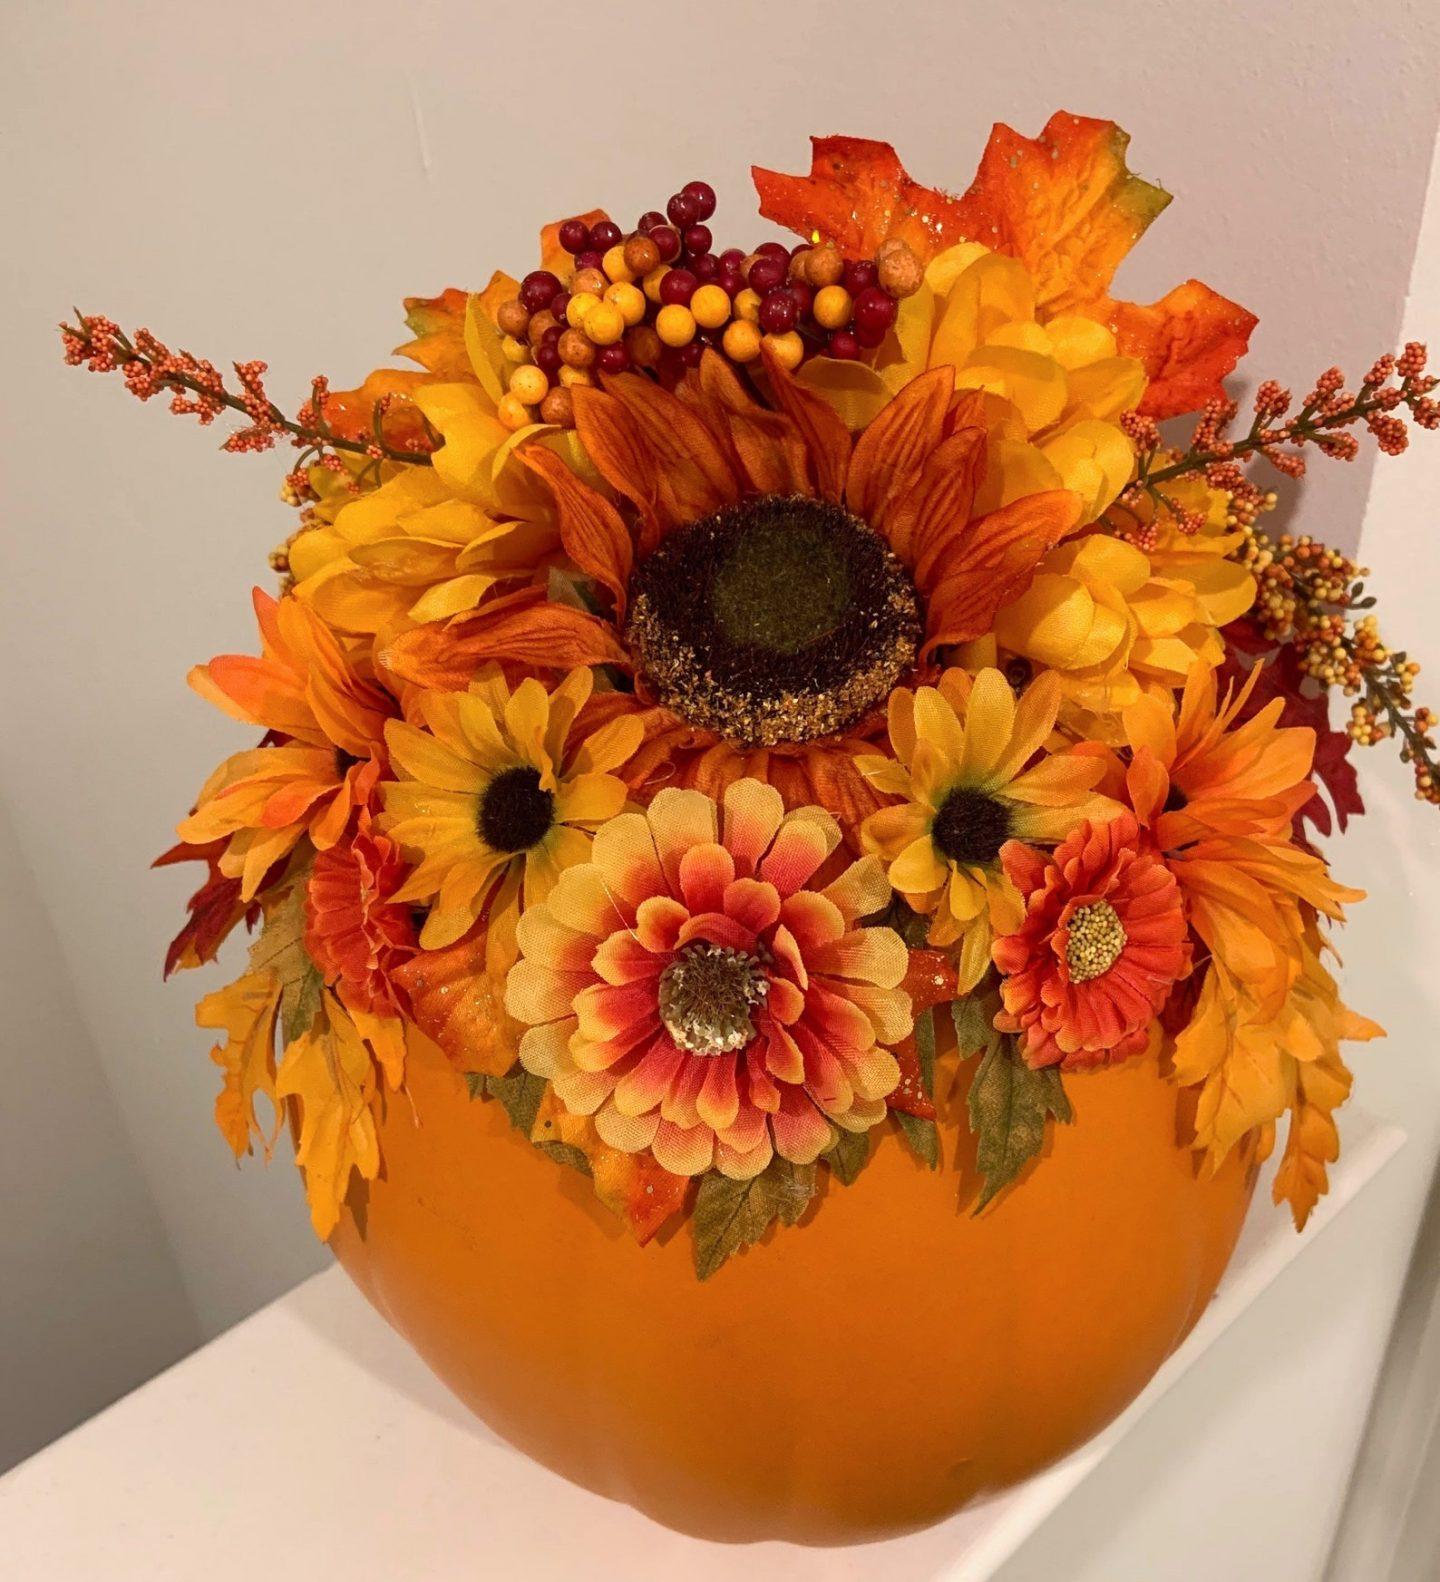 Fall and Thanksgiving floral pumpkin centerpiece